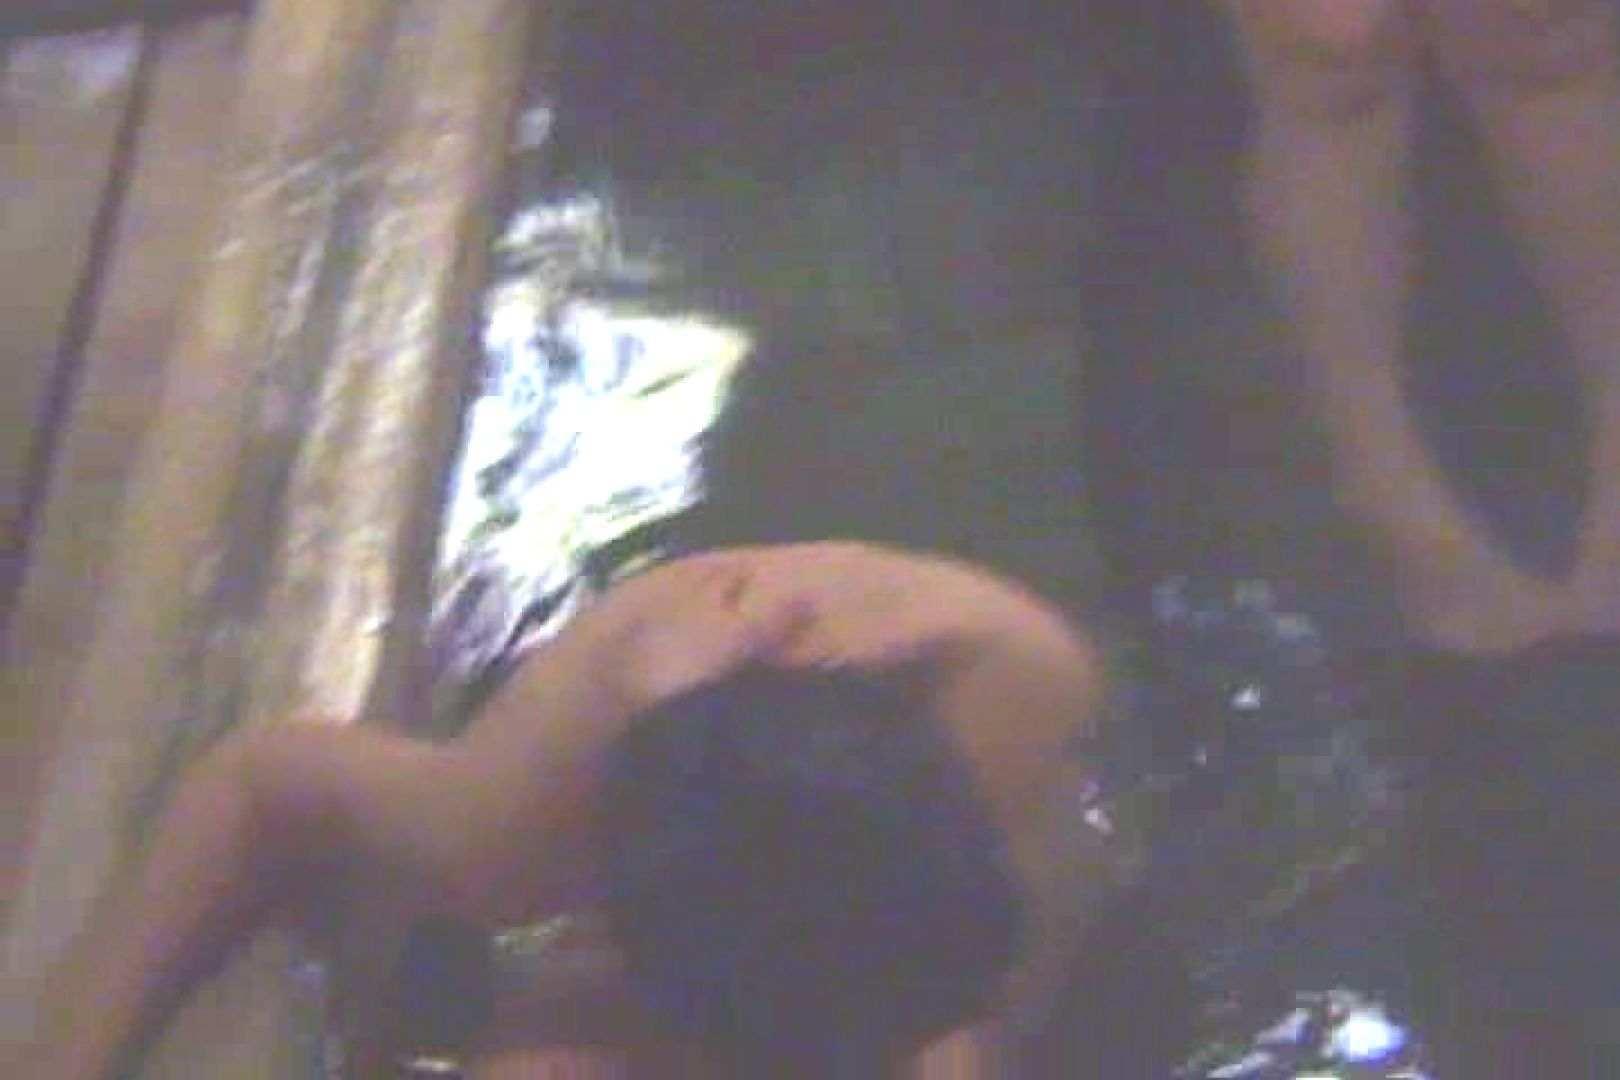 素人投稿シリーズ 盗撮 覗きの穴場 大浴場編 Vol.5 盗撮師作品 エロ無料画像 88pic 47